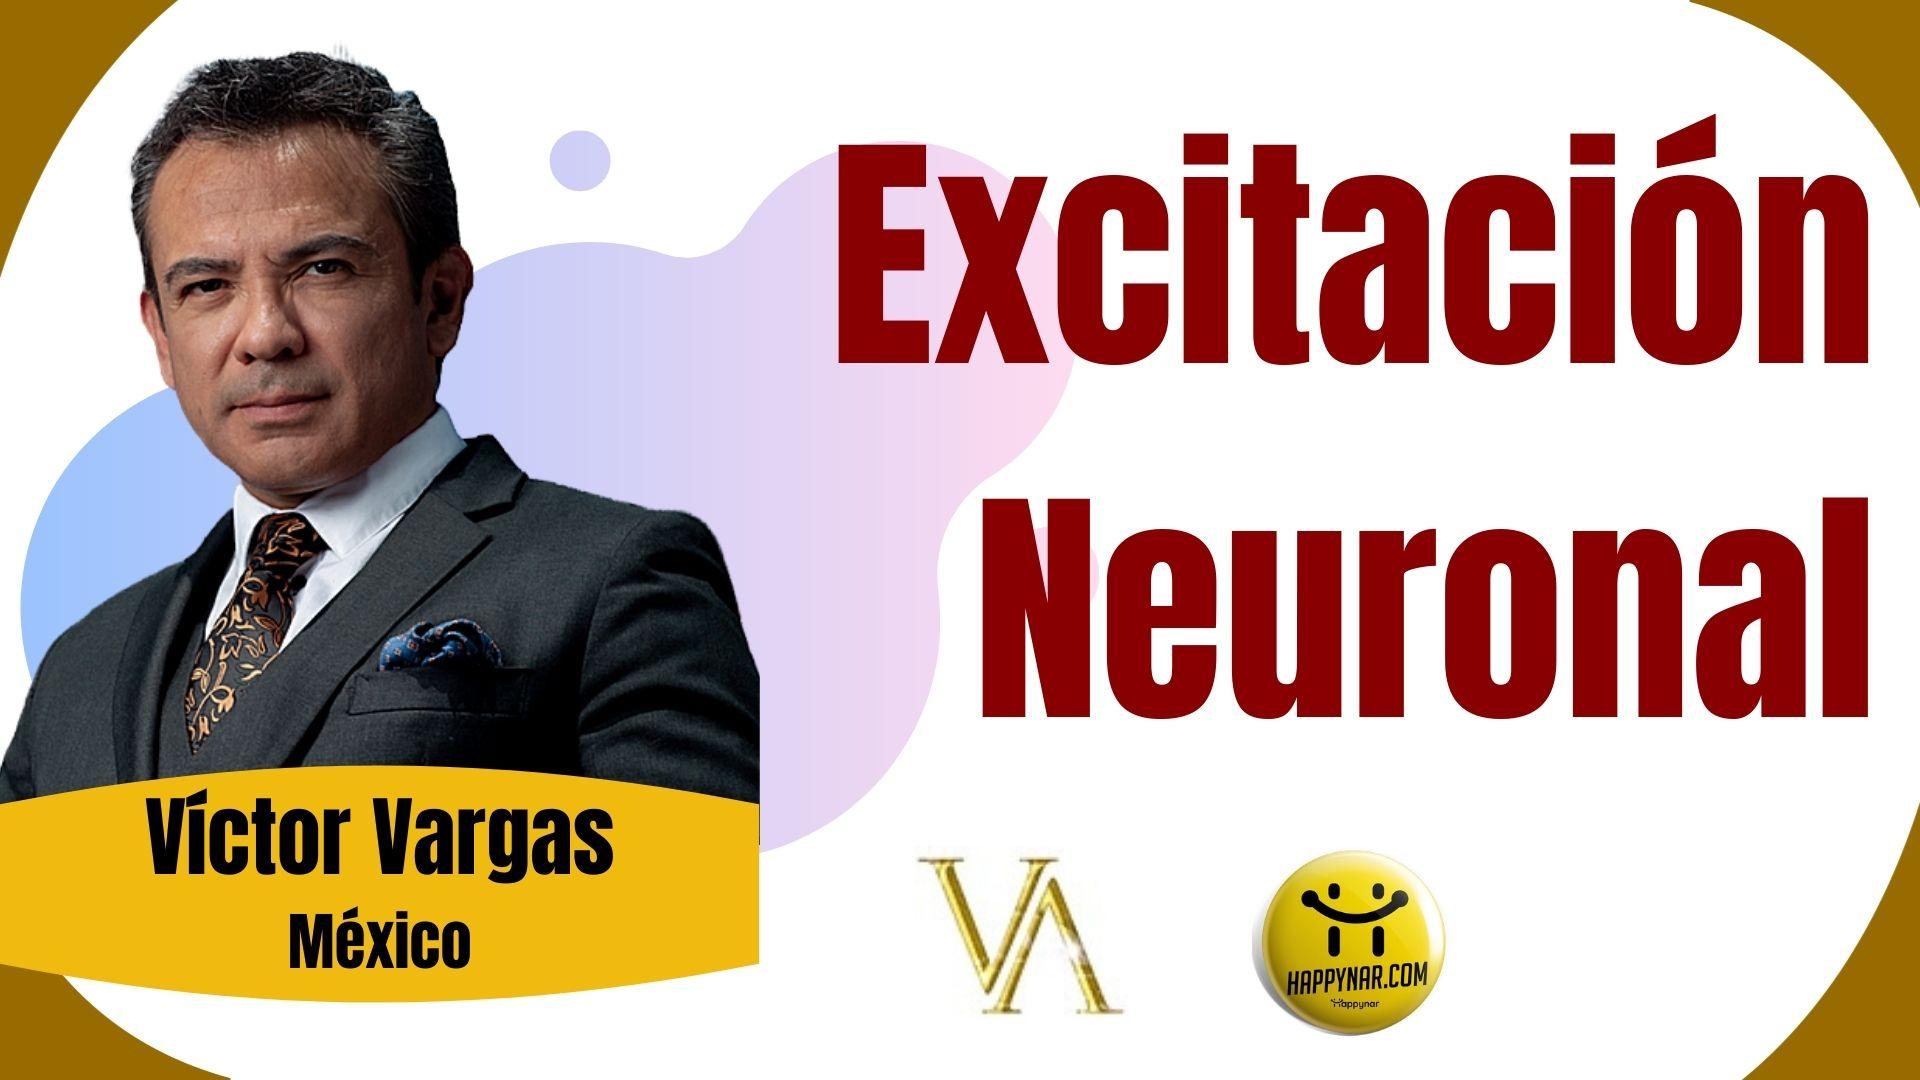 Excitación Neuronal